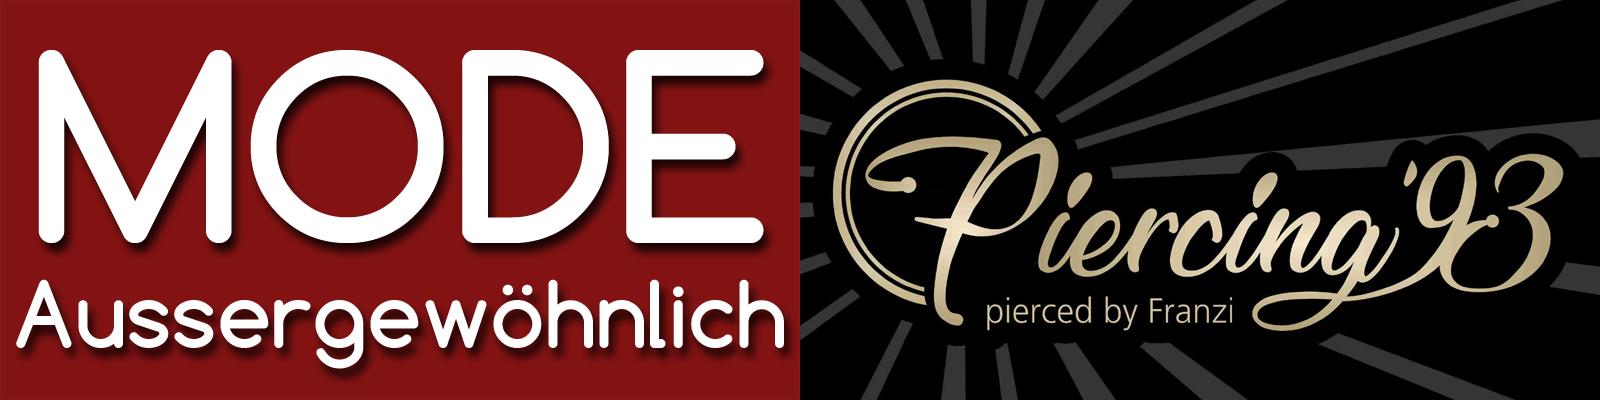 Mode-aussergewoehnlich.de - Onlineshop-Logo